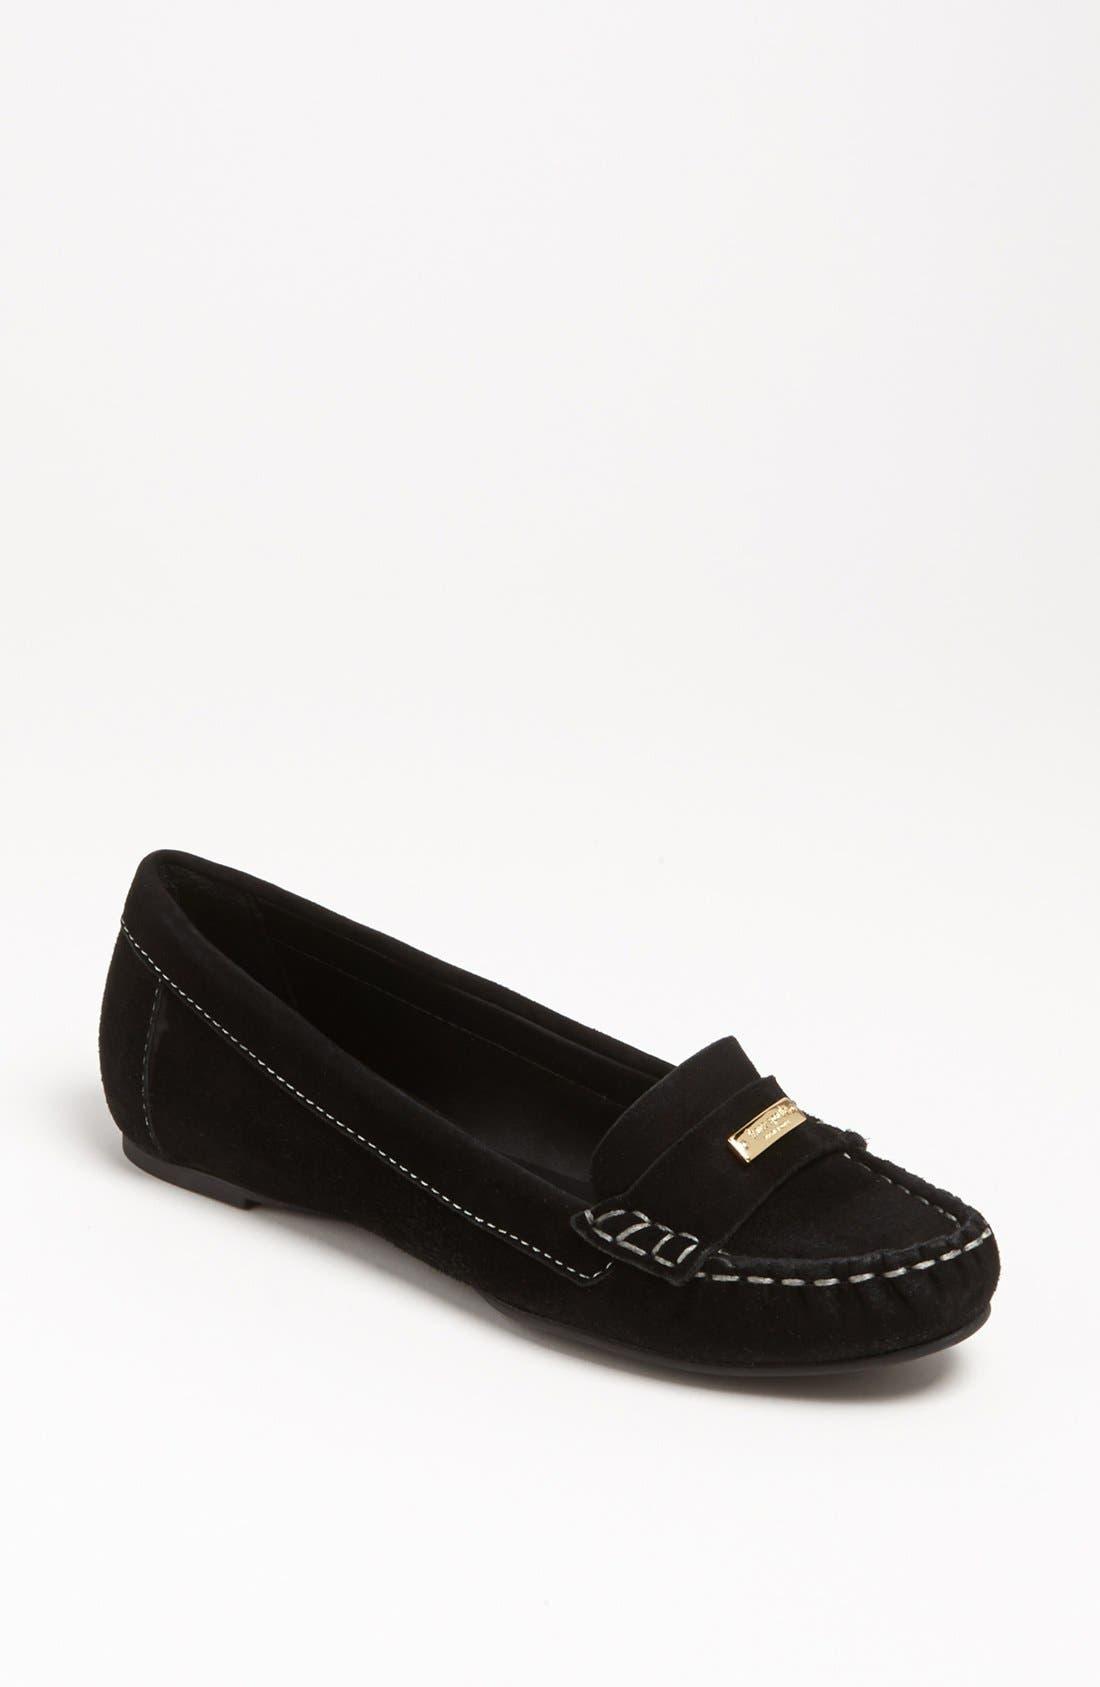 Main Image - kate spade new york 'wilamina' loafer